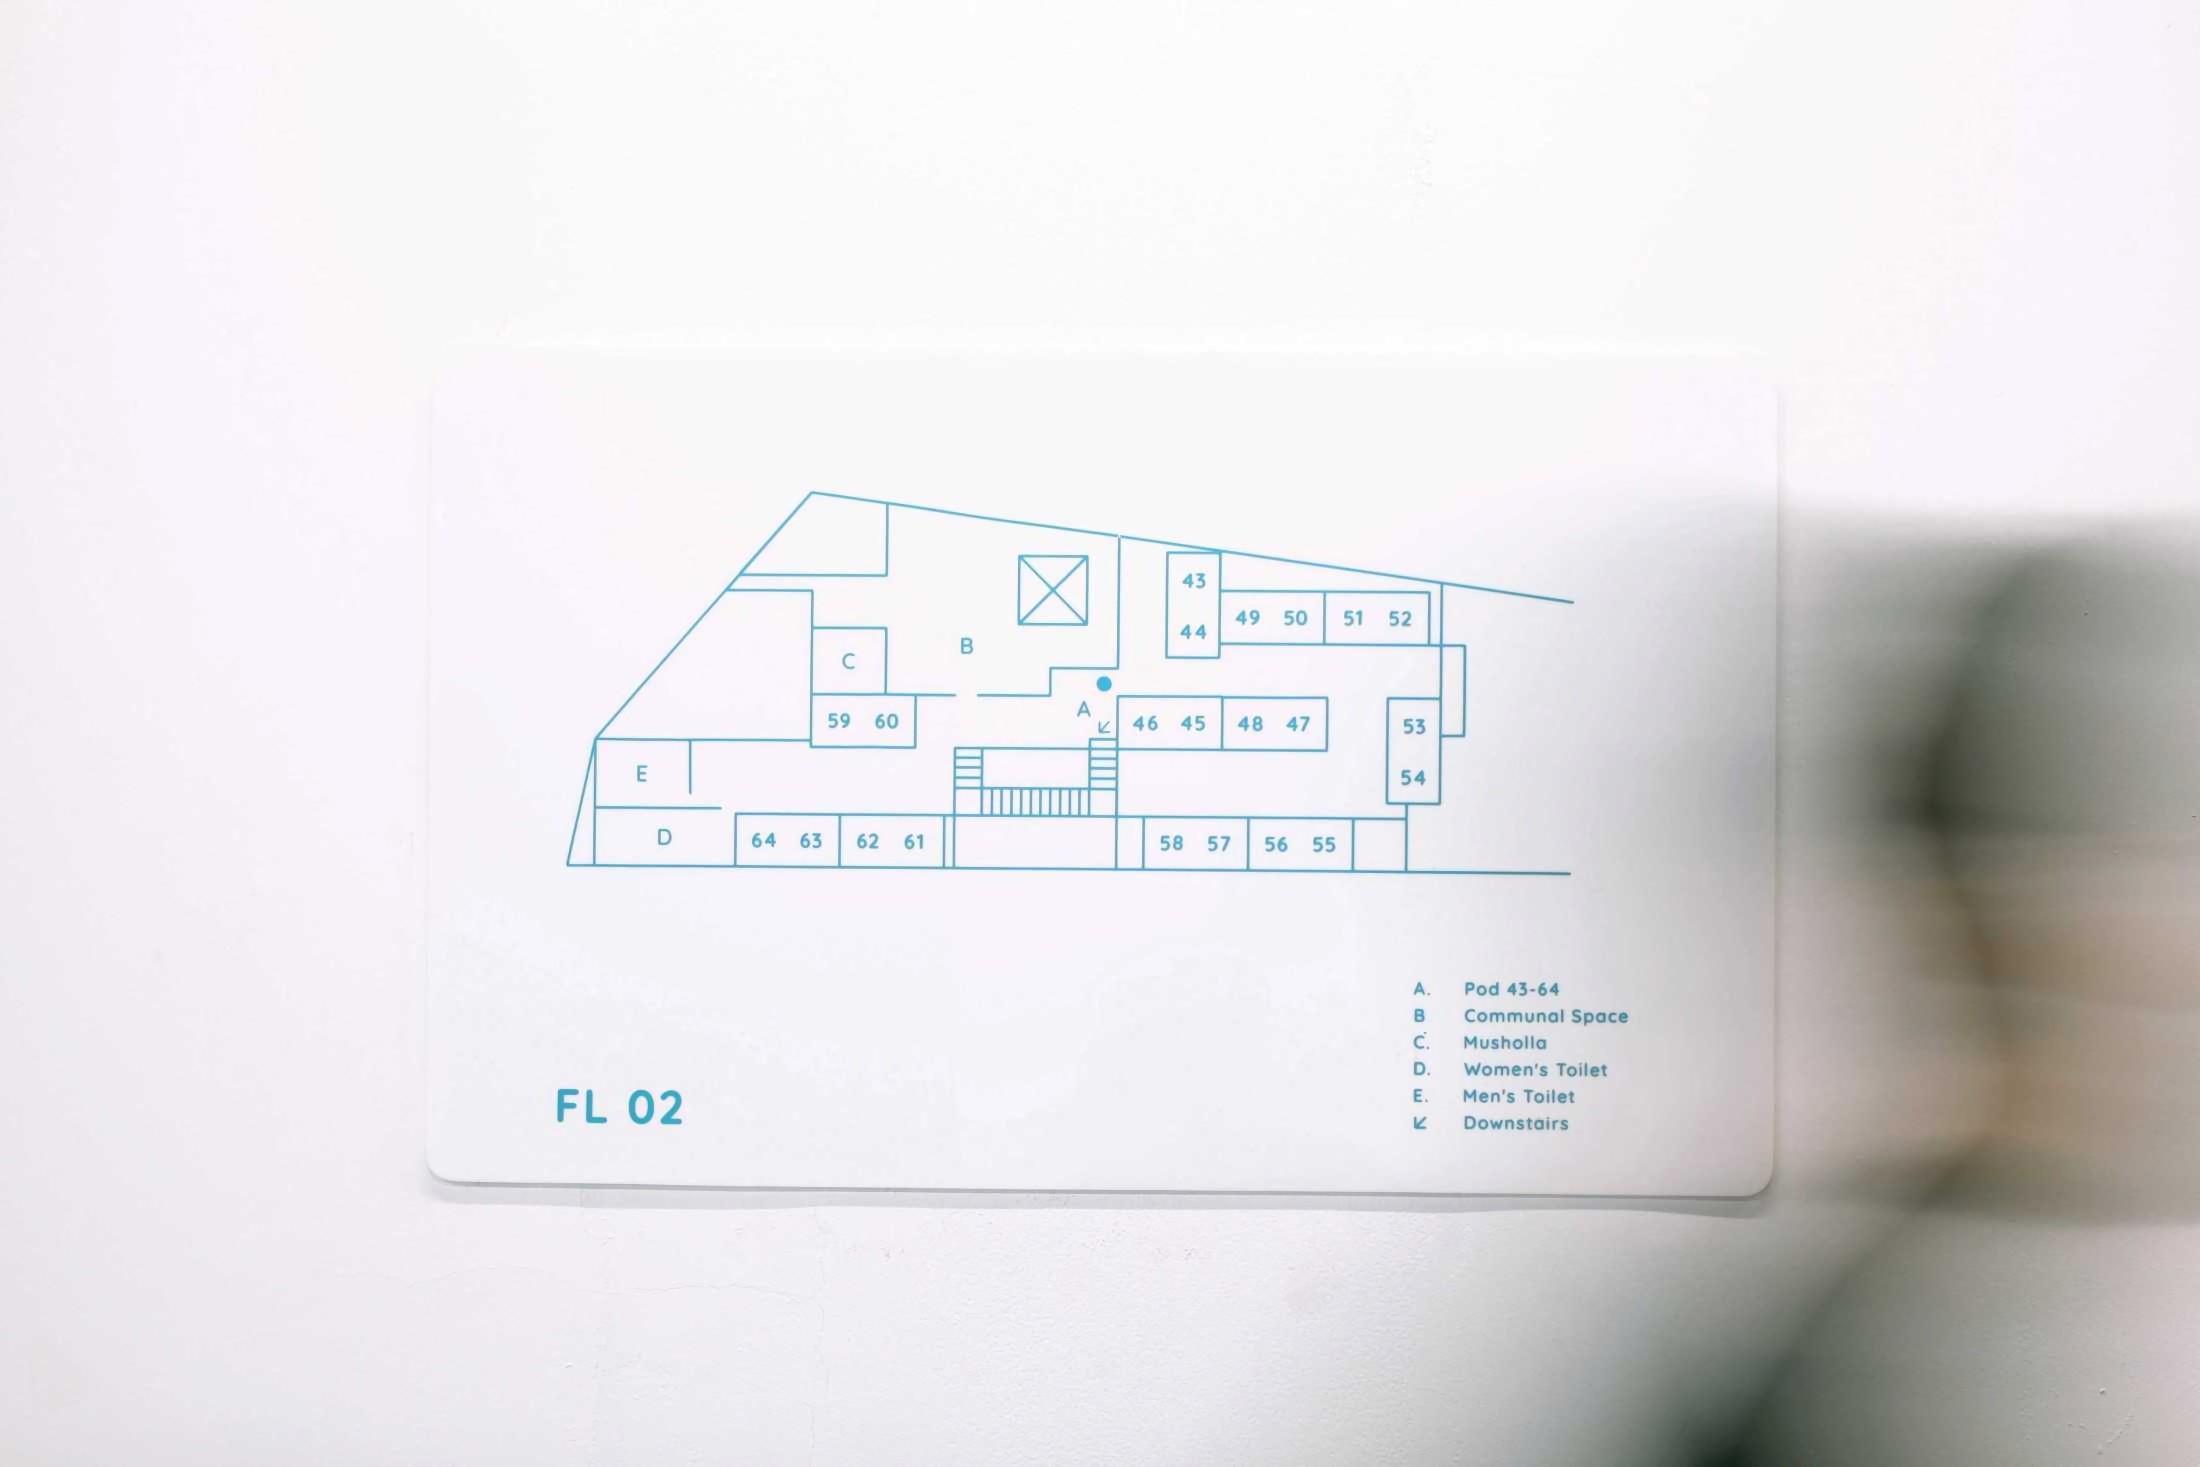 Denah Bobobox, hotel mungil di lahan terbatas dengan desain dan kenyamanan maksimal (Sumber: arsitag.com)